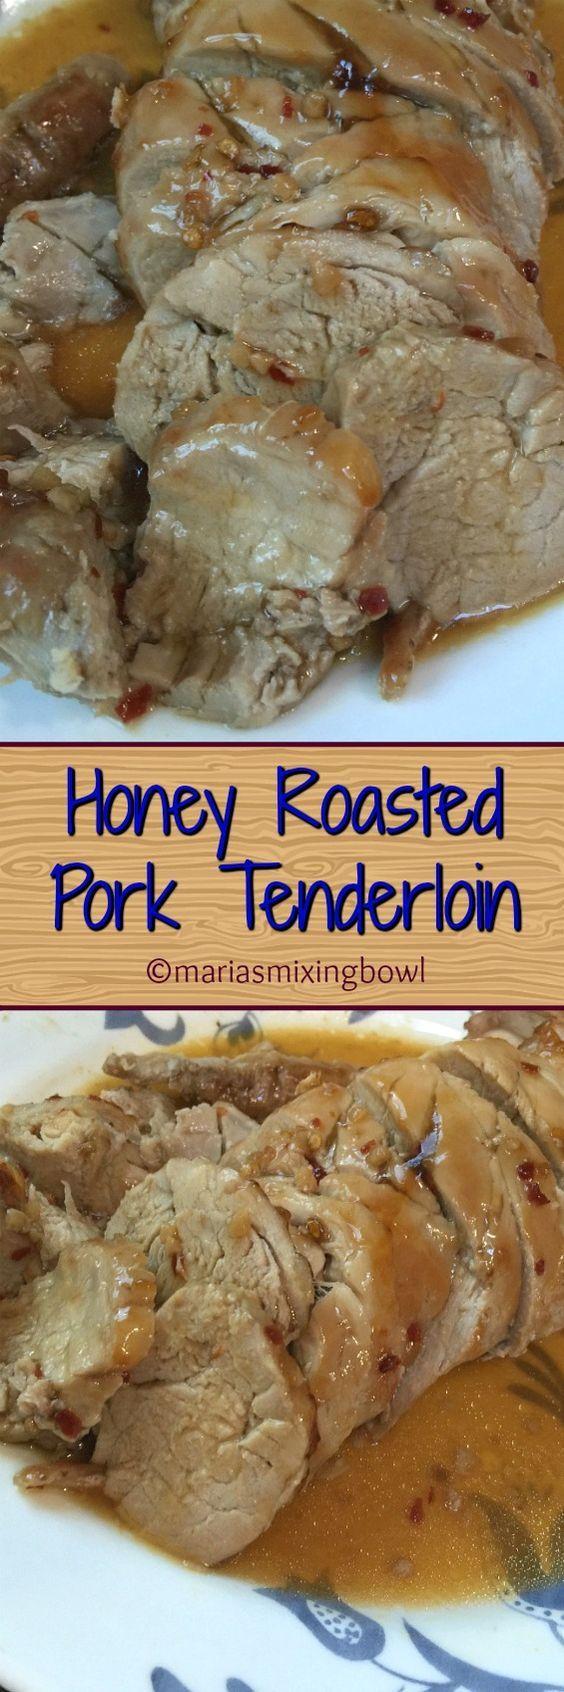 Honey Roasted Pork Tenderloin